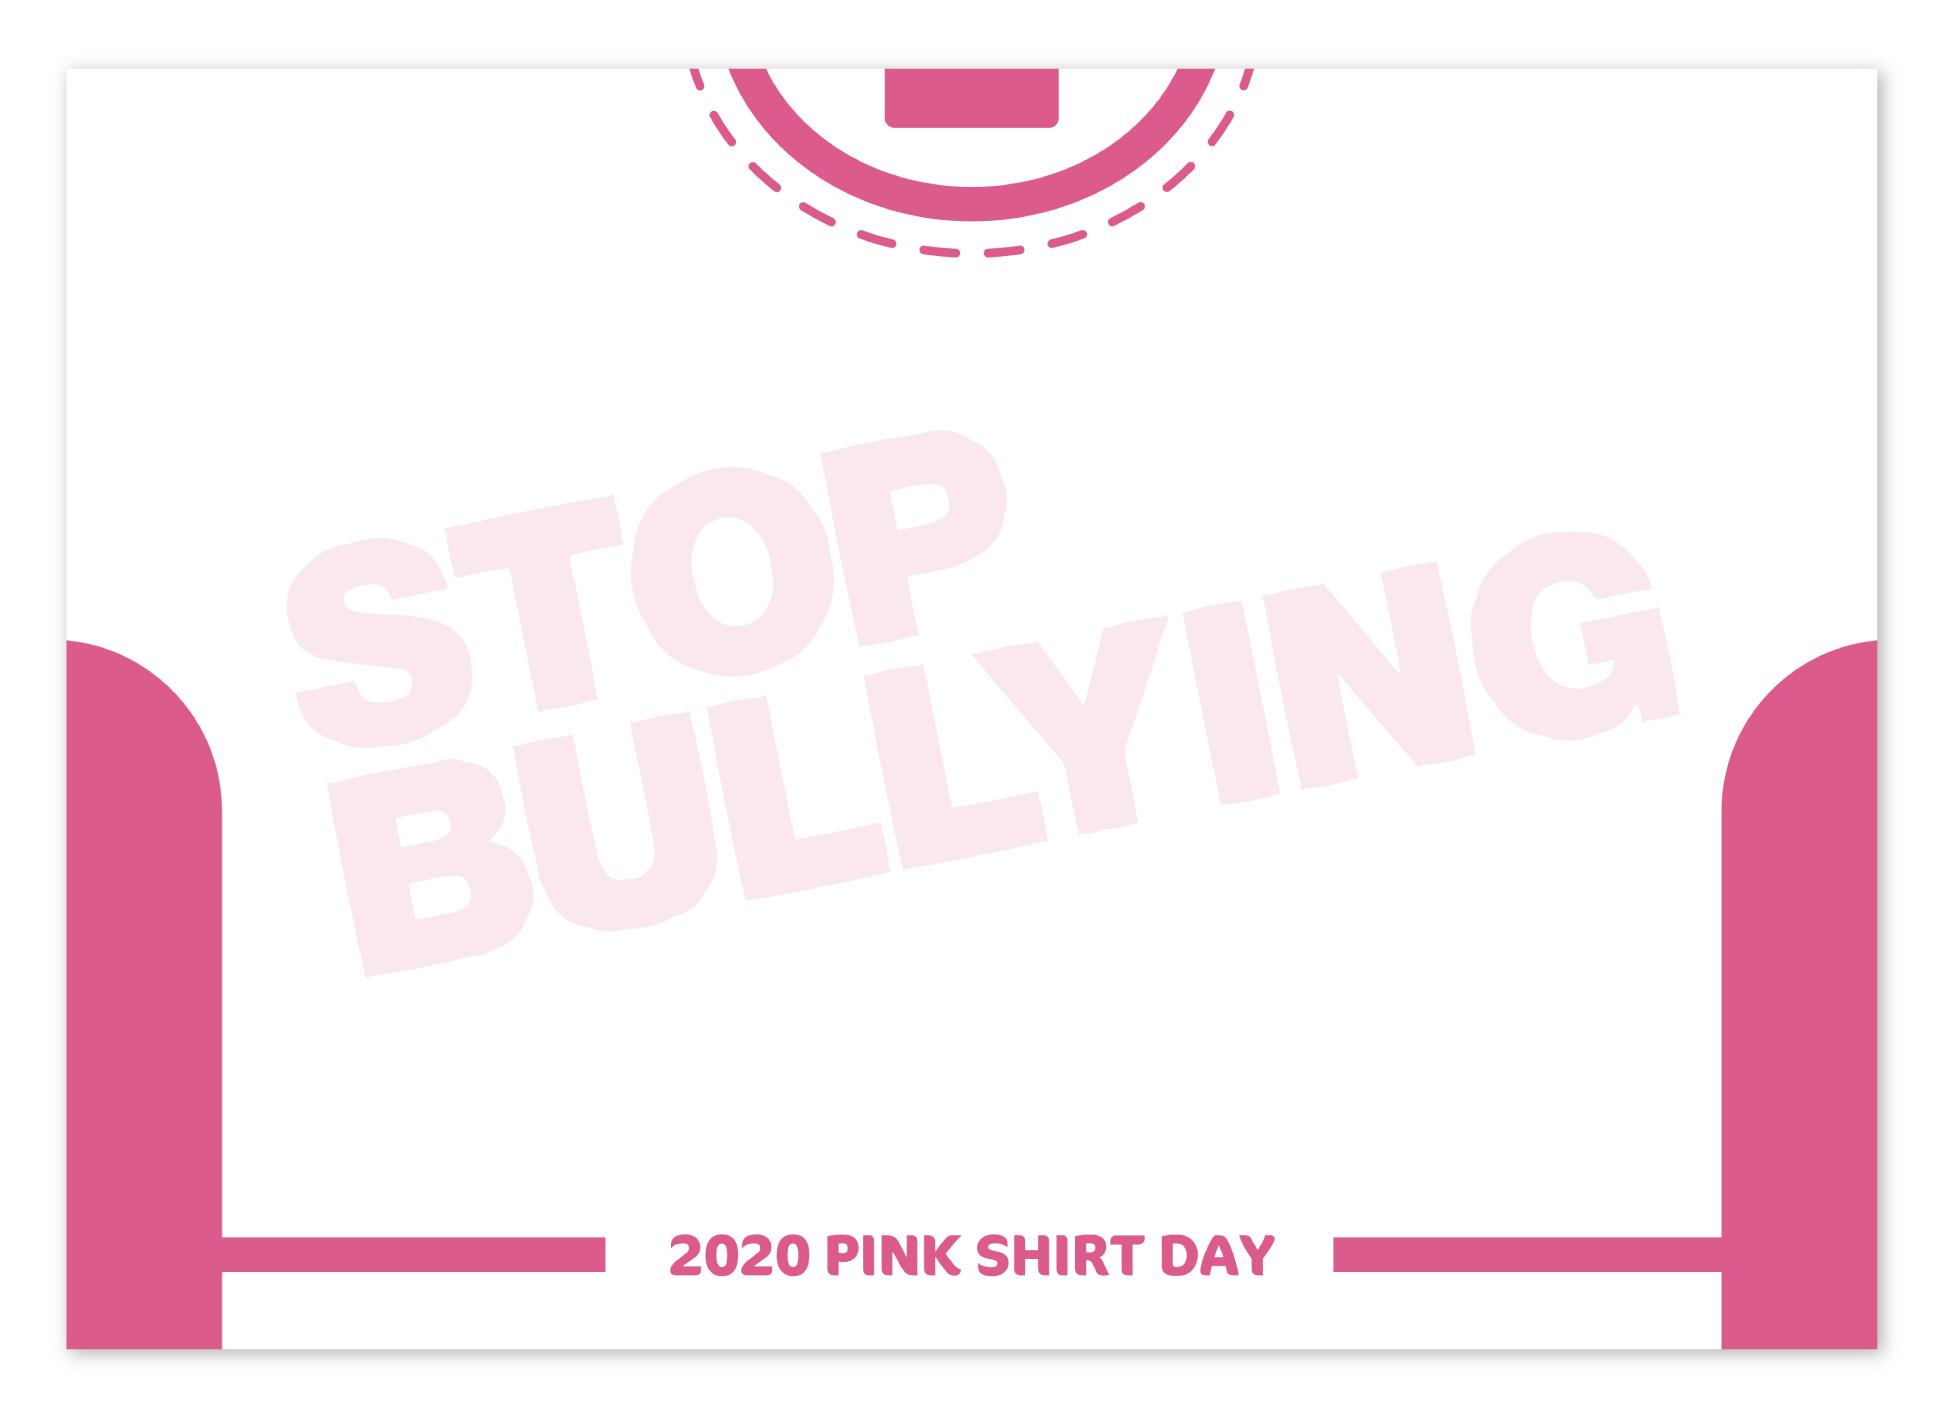 いじめに反対する「PINK SHIRT DAY」のイベントが開催され、そちらのイベントで使用されるフリップのデザインを担当いたしました。